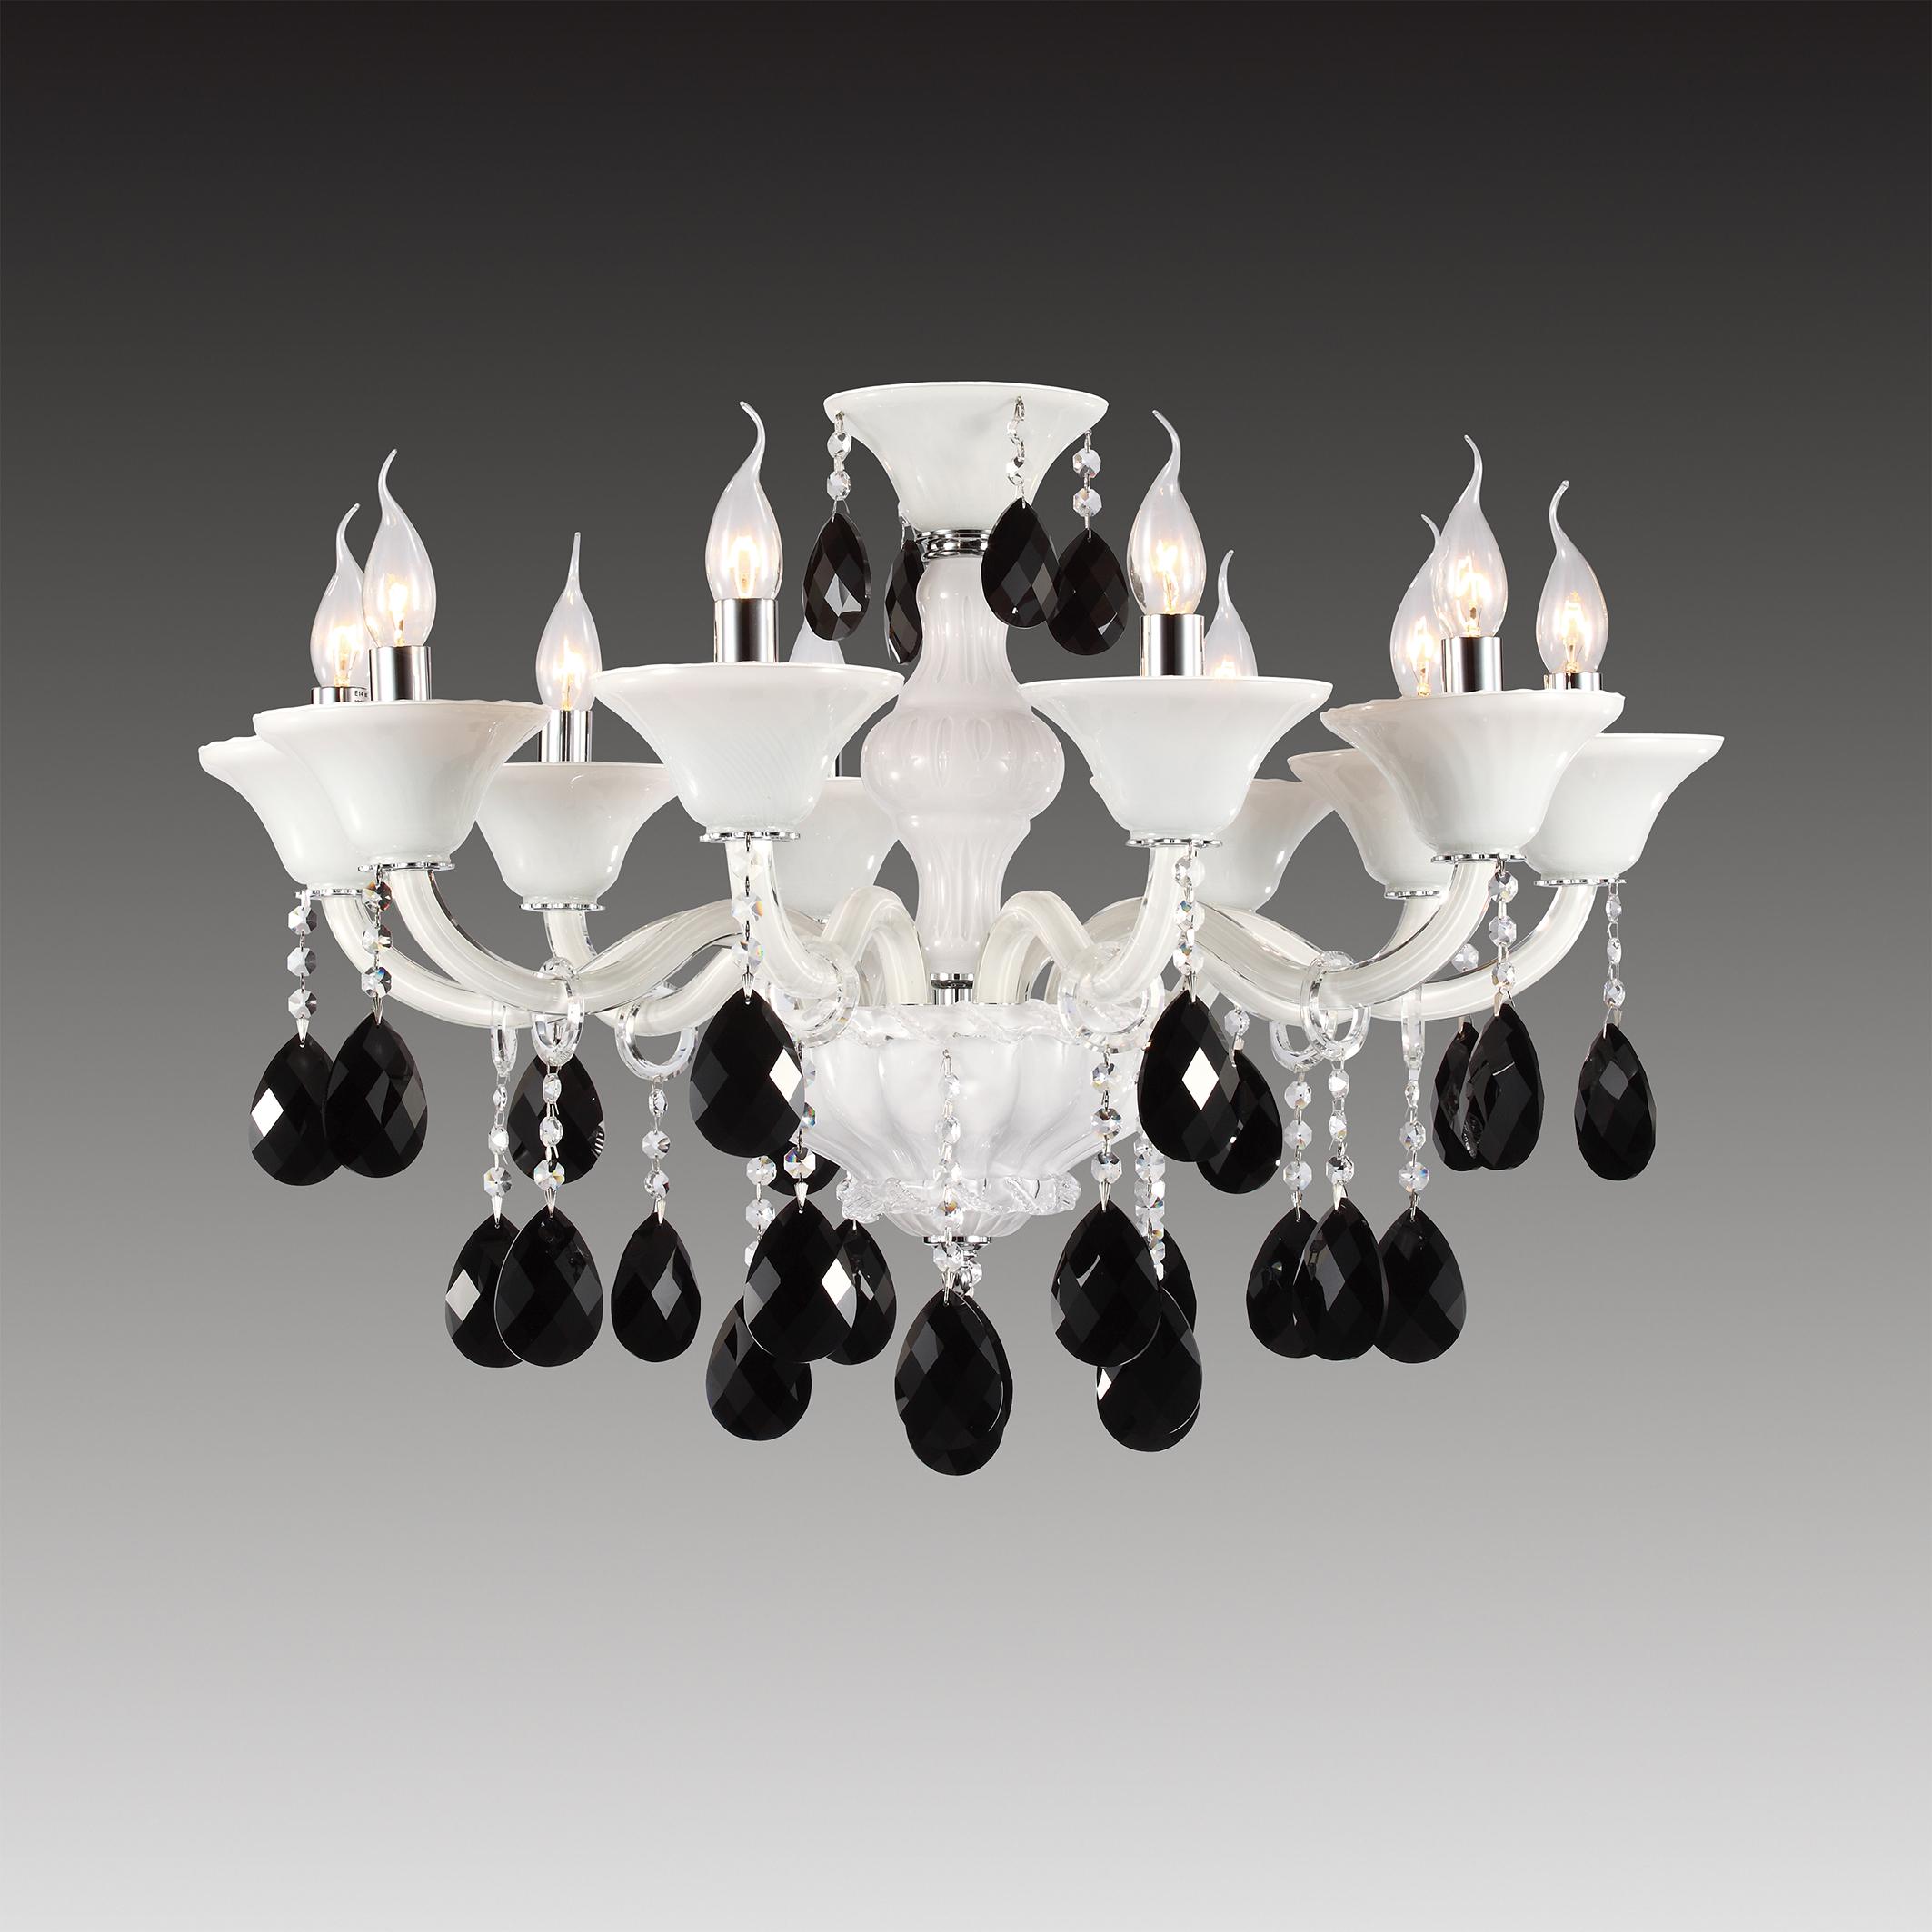 Сбор заказов. Самые популярные Итальянские люстры и светильники, которые любят дизайнеры!!! Выкуп - 20